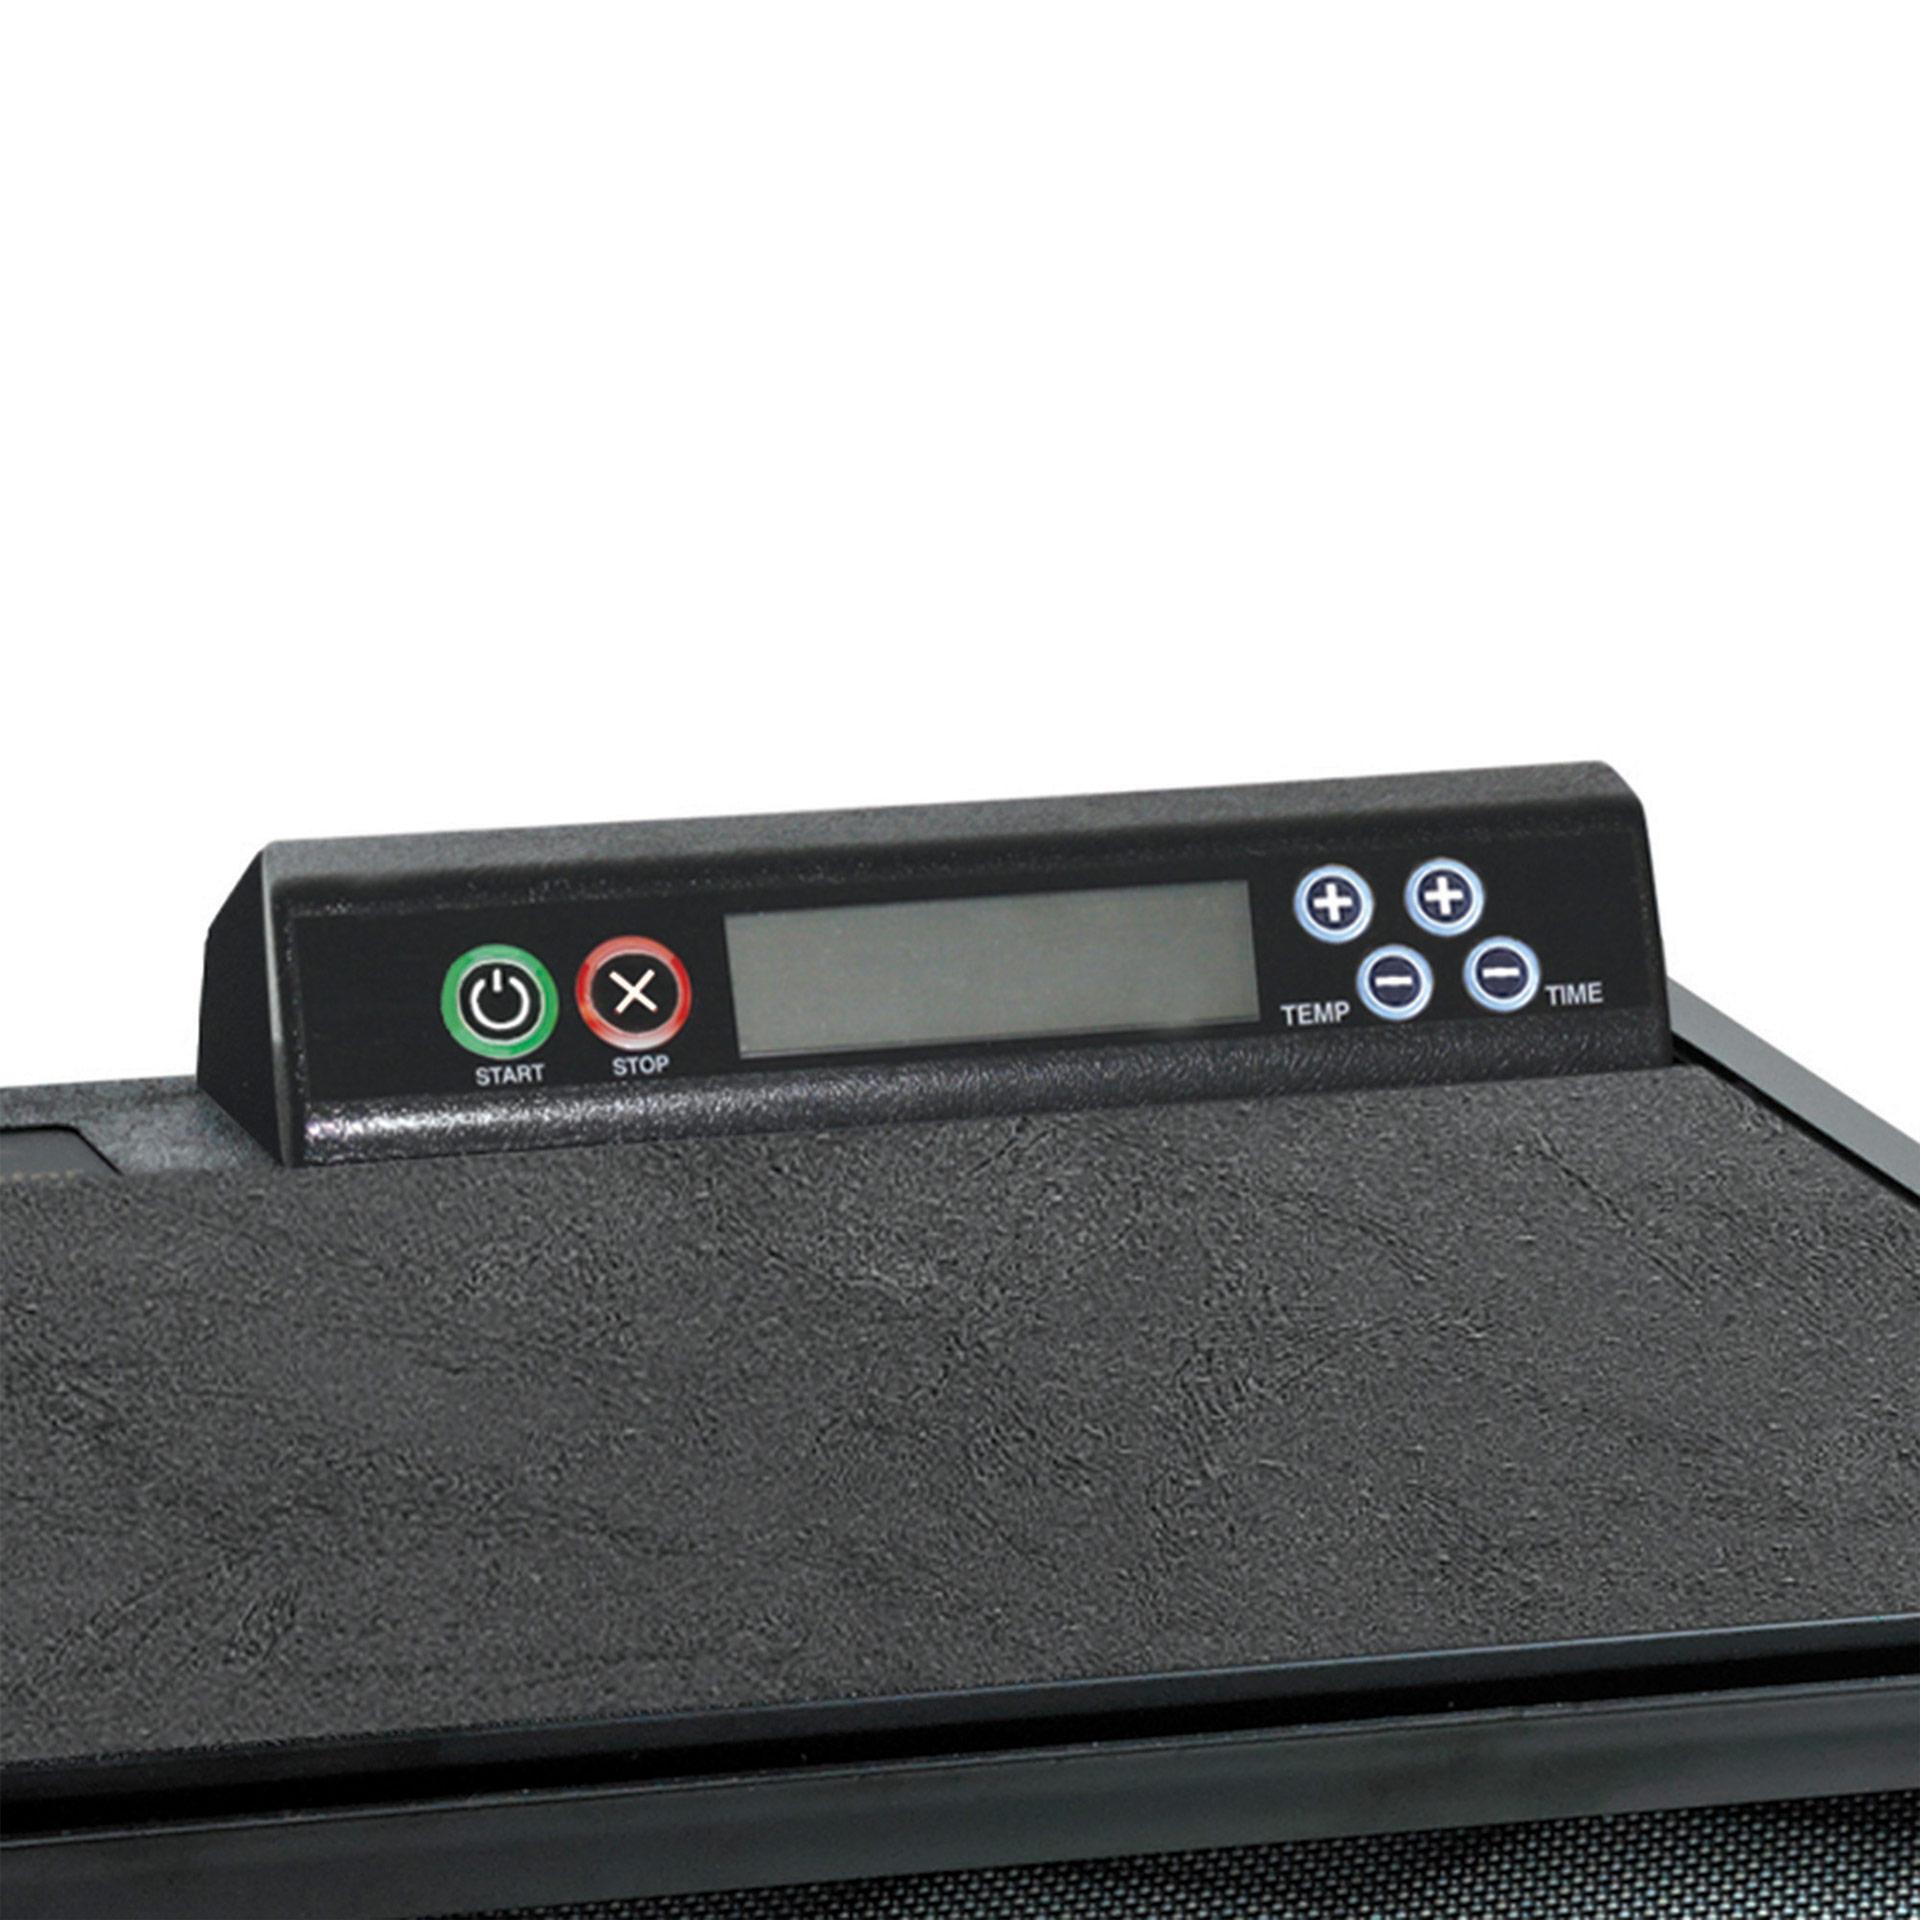 Excalibur Trockner mit 5 Einschüben Ansicht der Digitalsteuerung